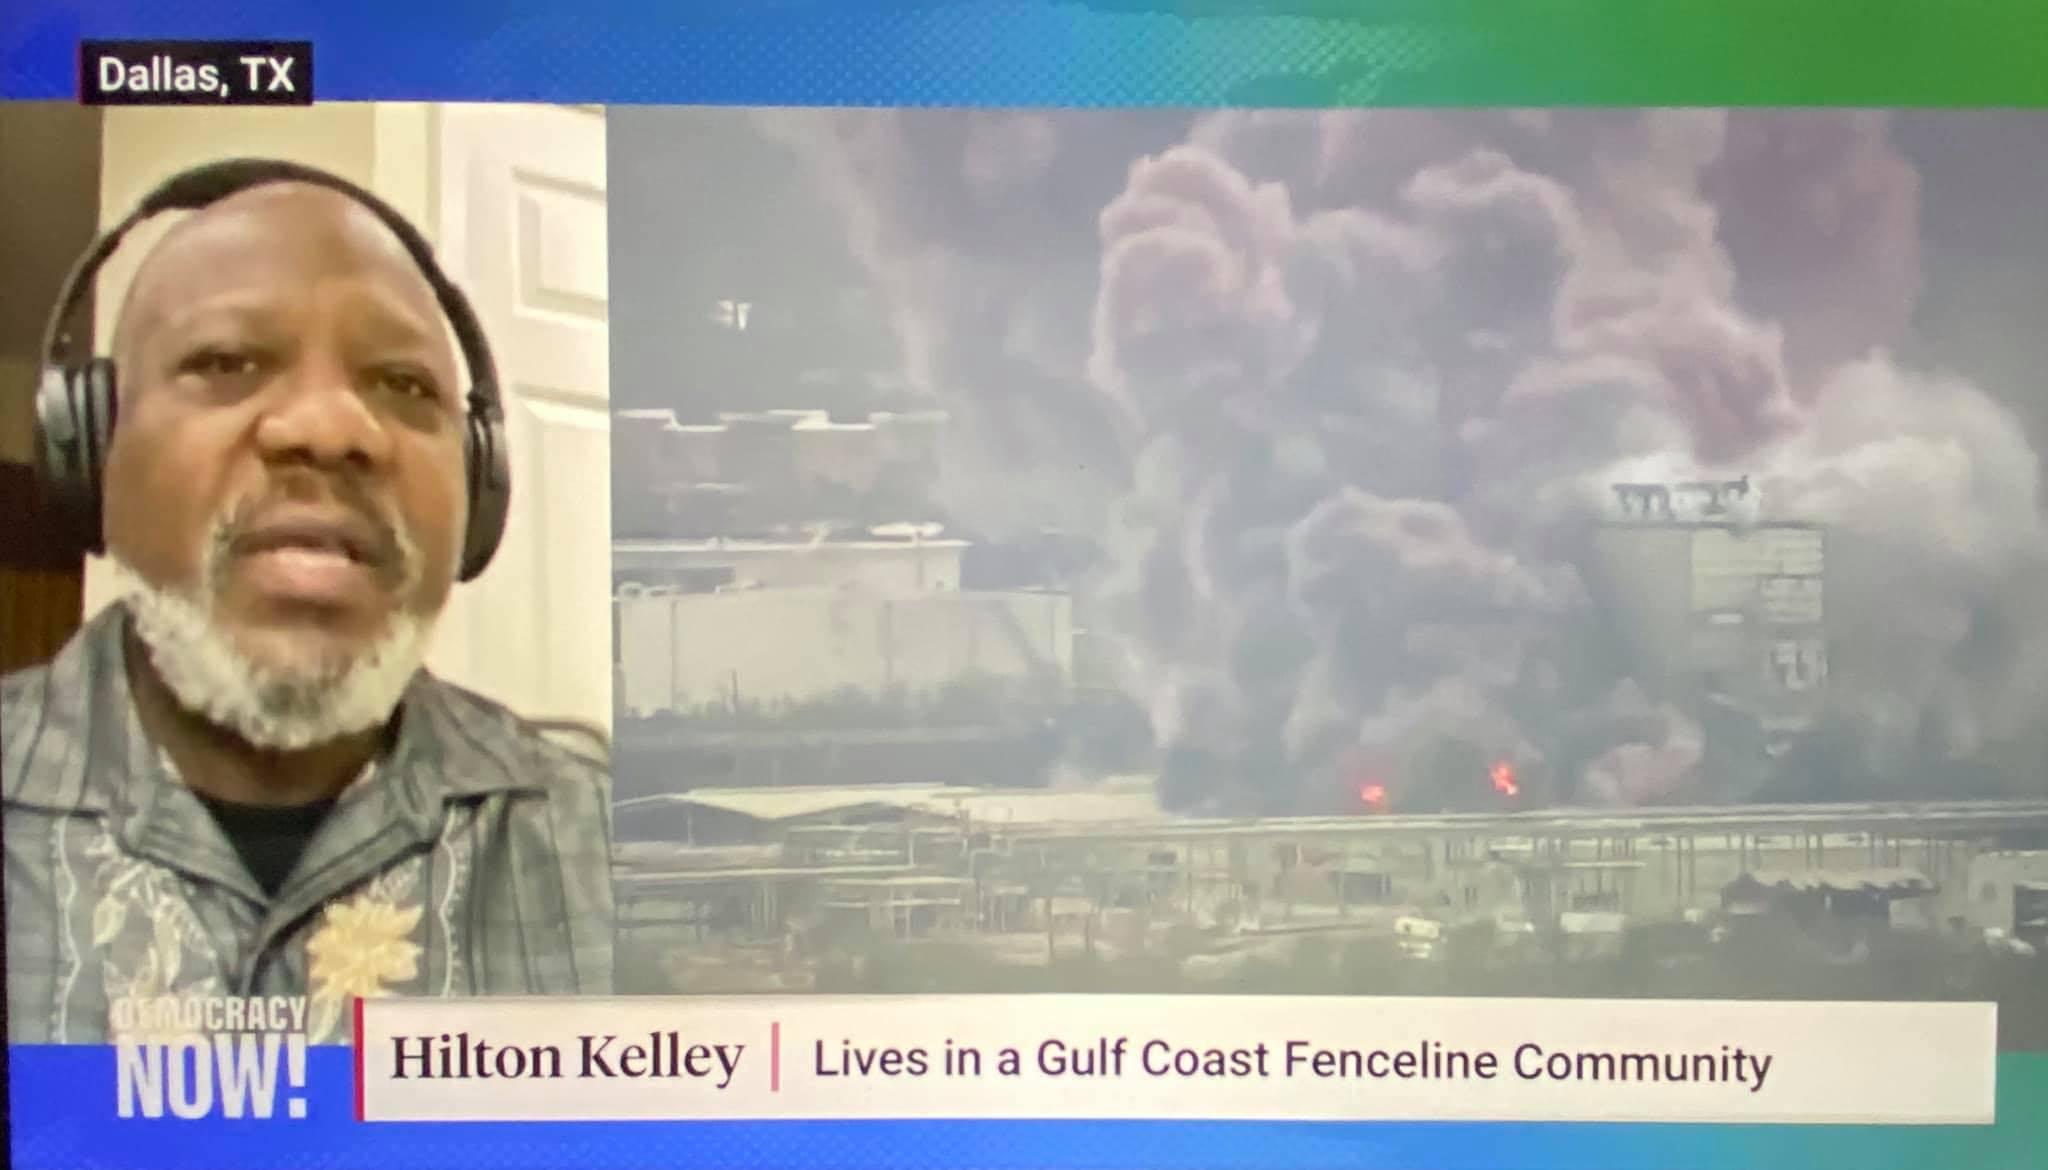 Hilton Kelley on Democarcy NOW.